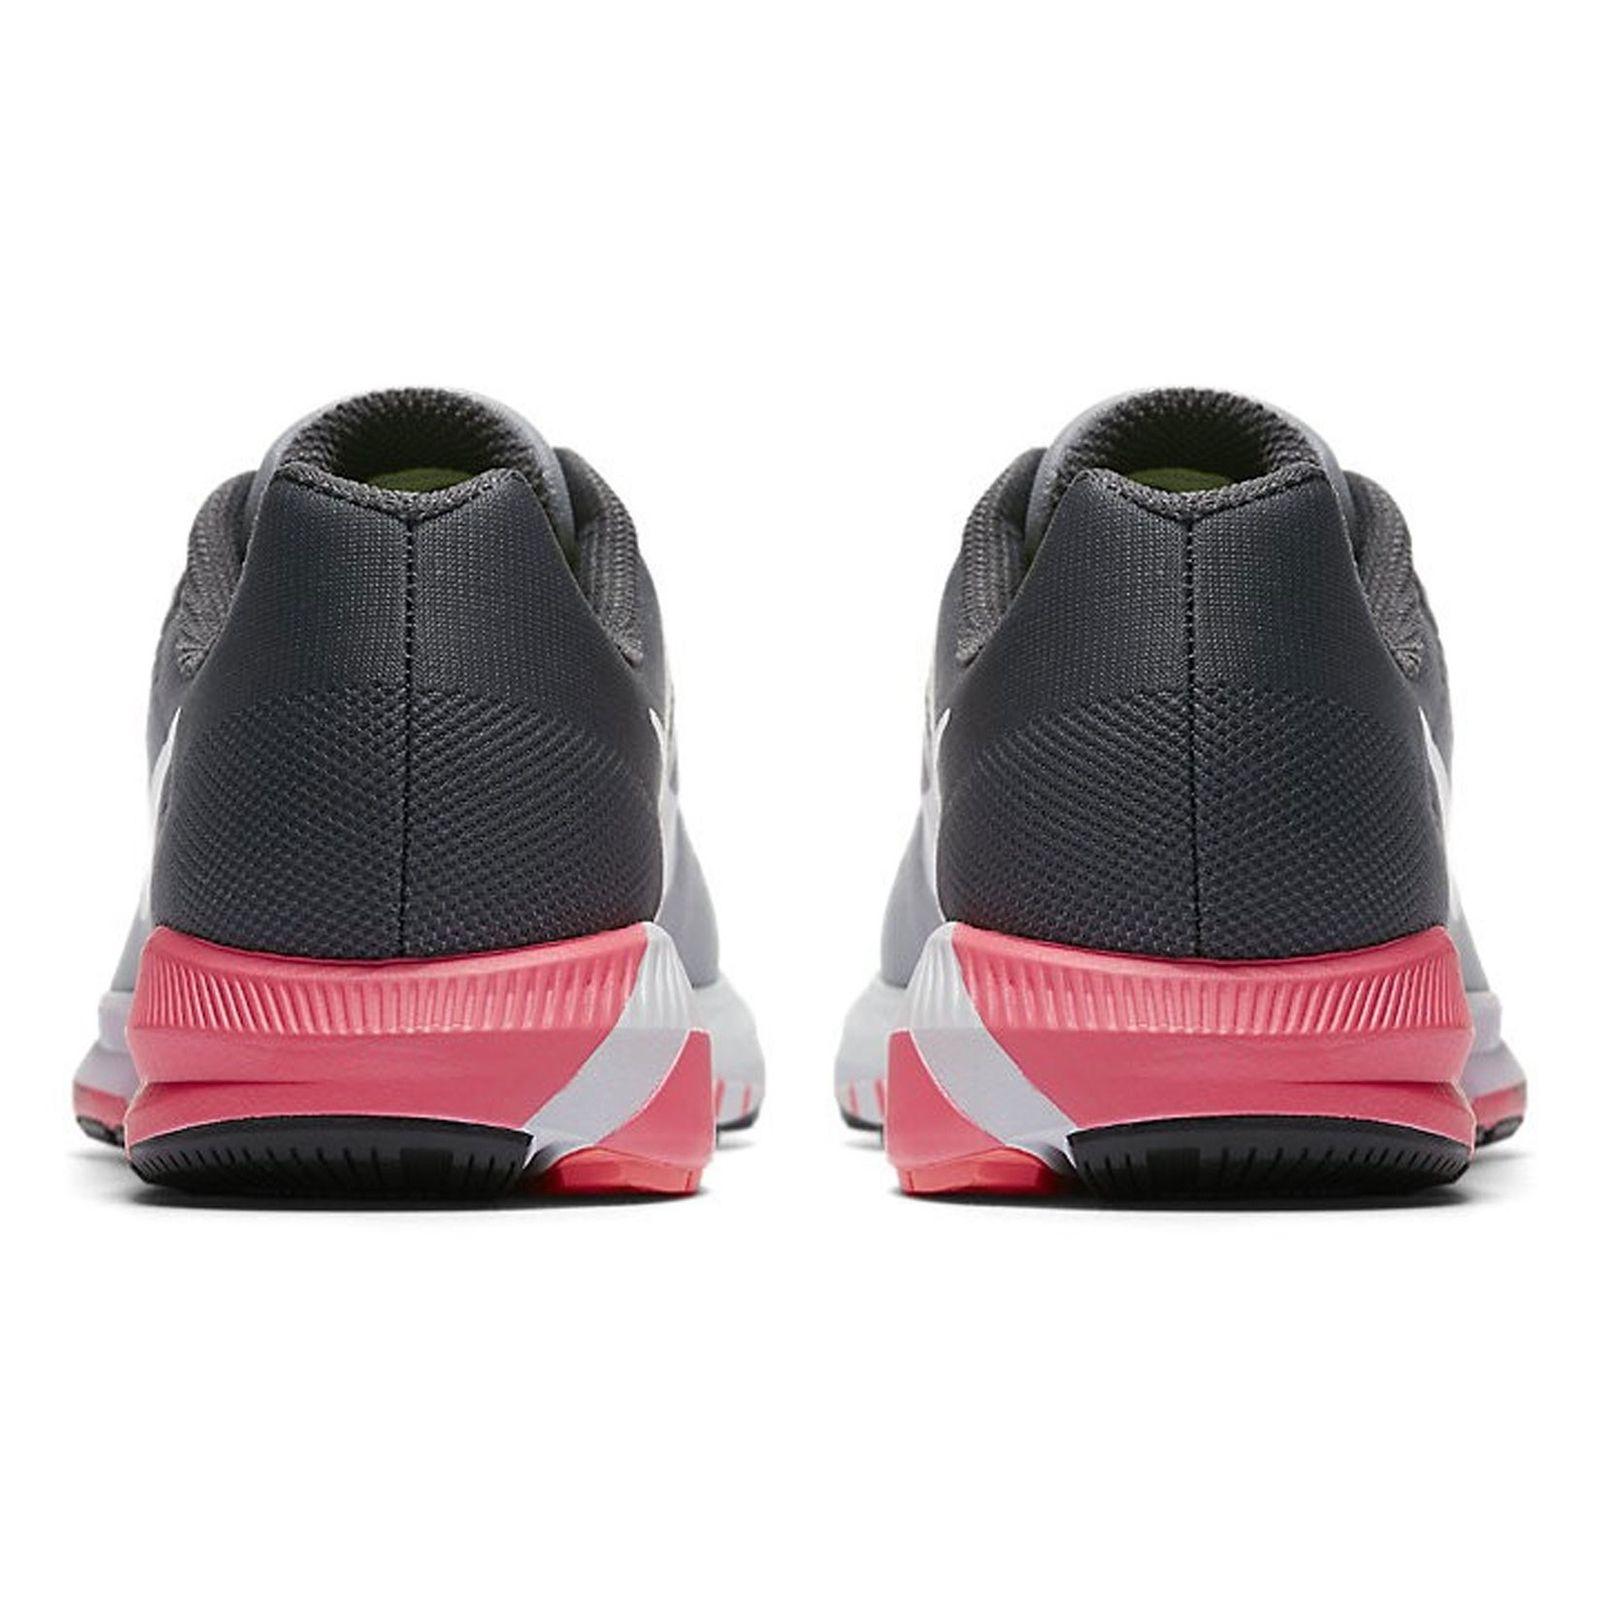 کفش دویدن بندی زنانه Air Zoom Structure 21 - نایکی - طوسي و مشکي - 5